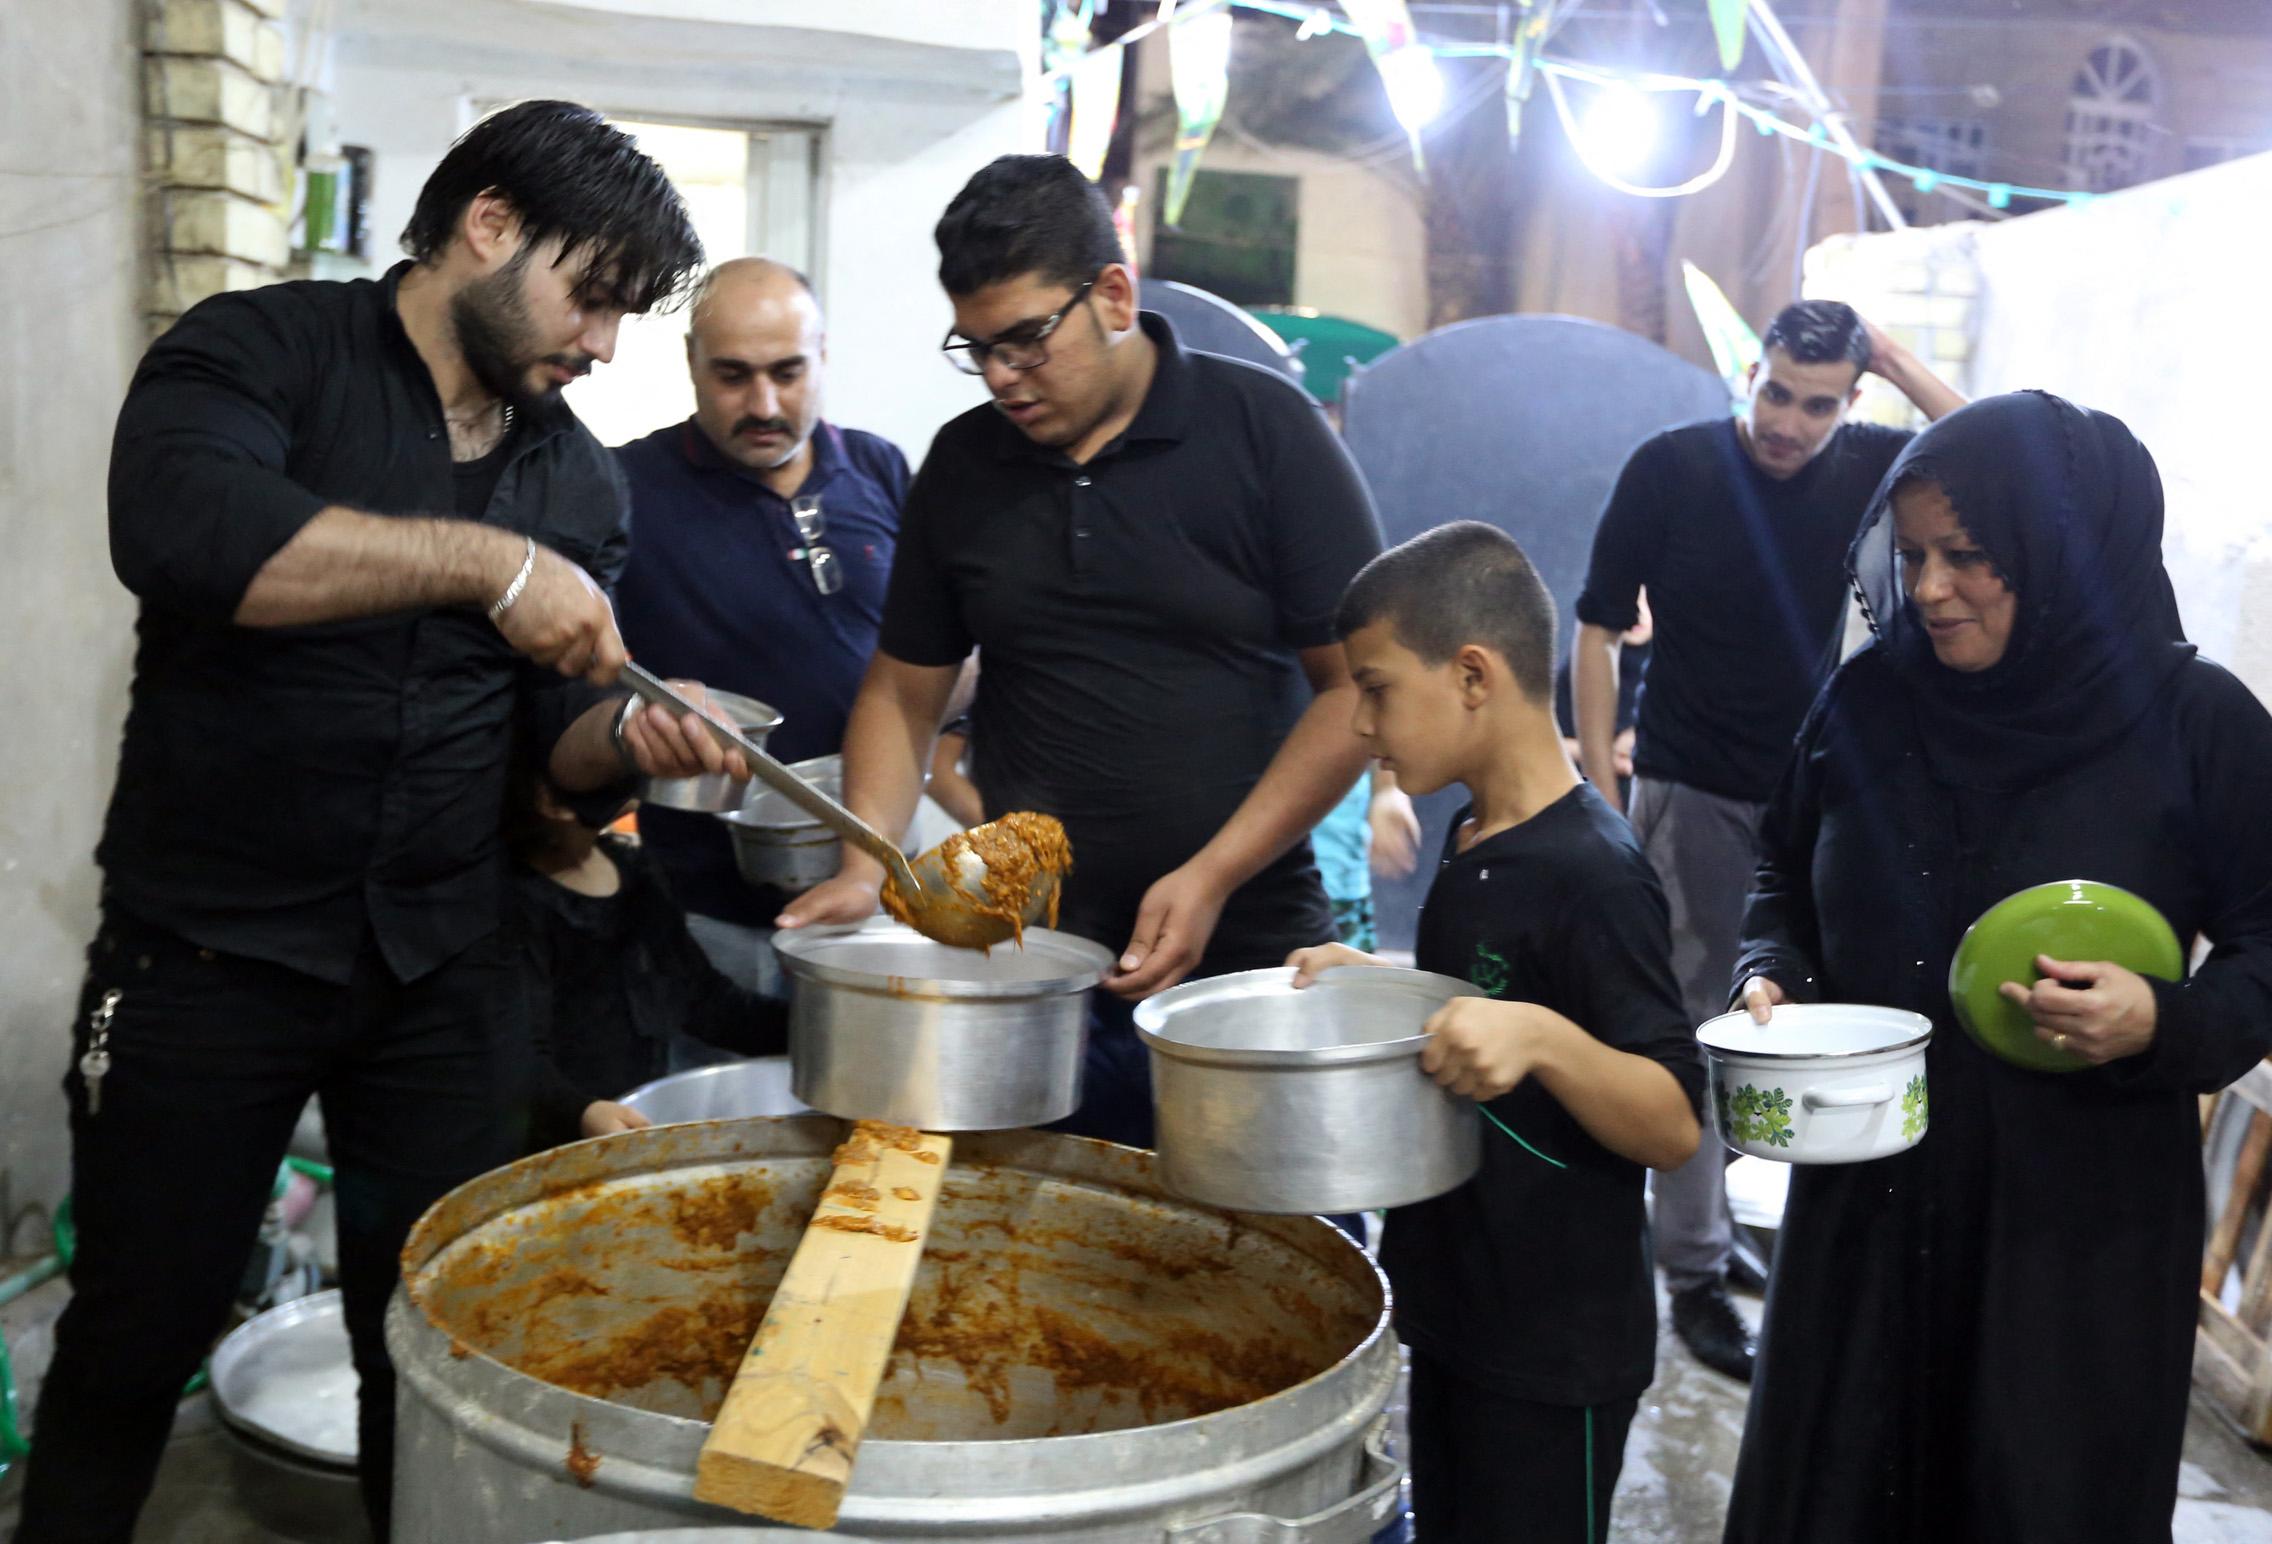 """عراقيون يستلمون """"القيمة"""" من أحد الطباخين"""